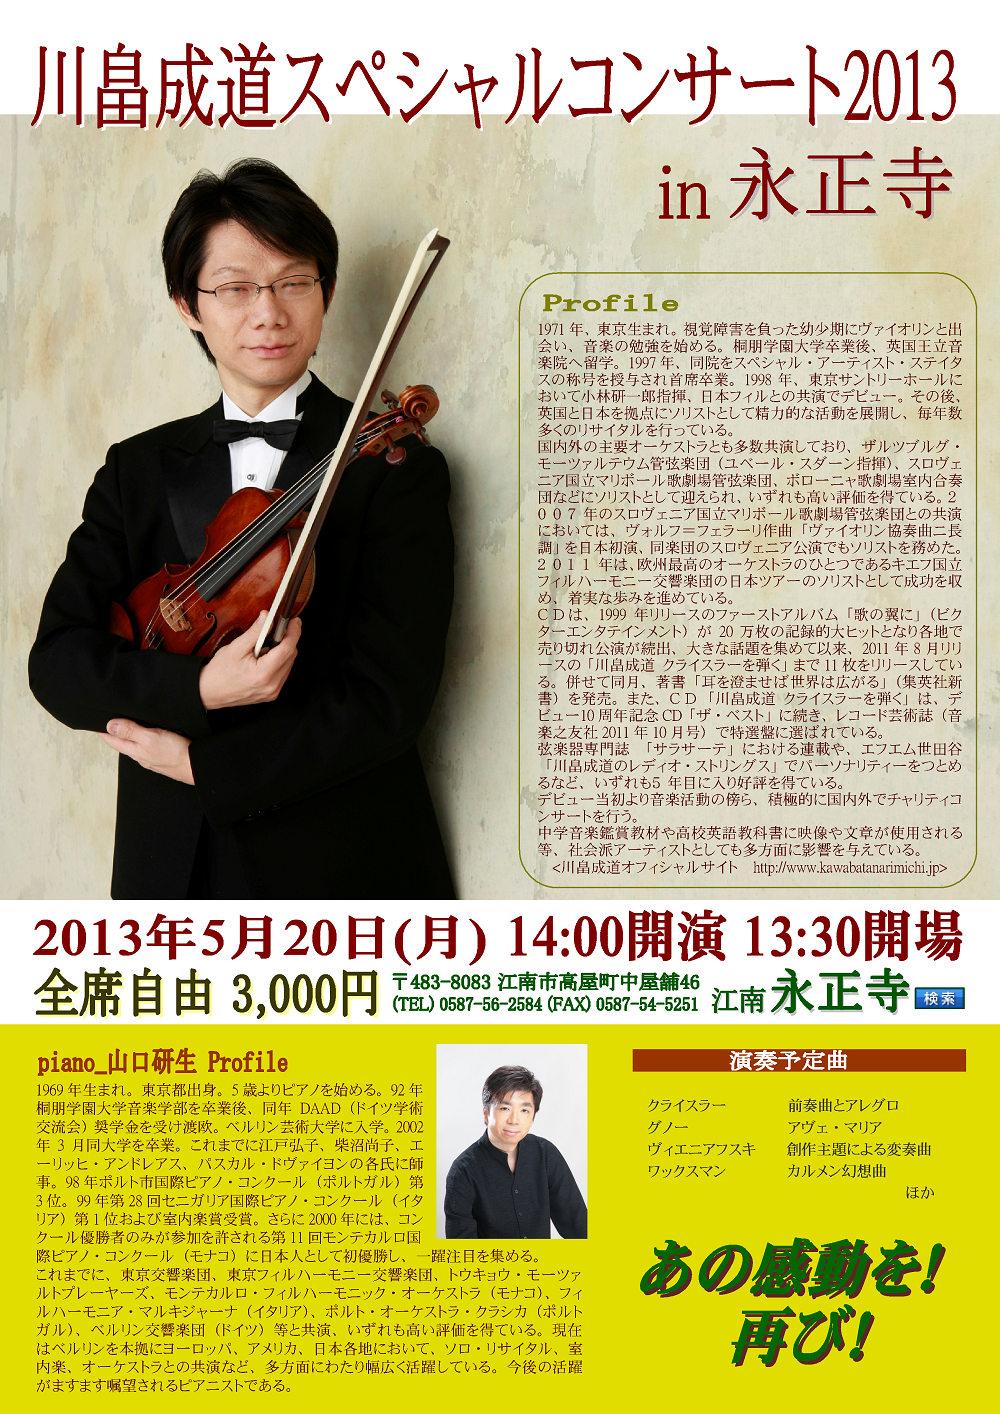 スペシャルコンサート2013